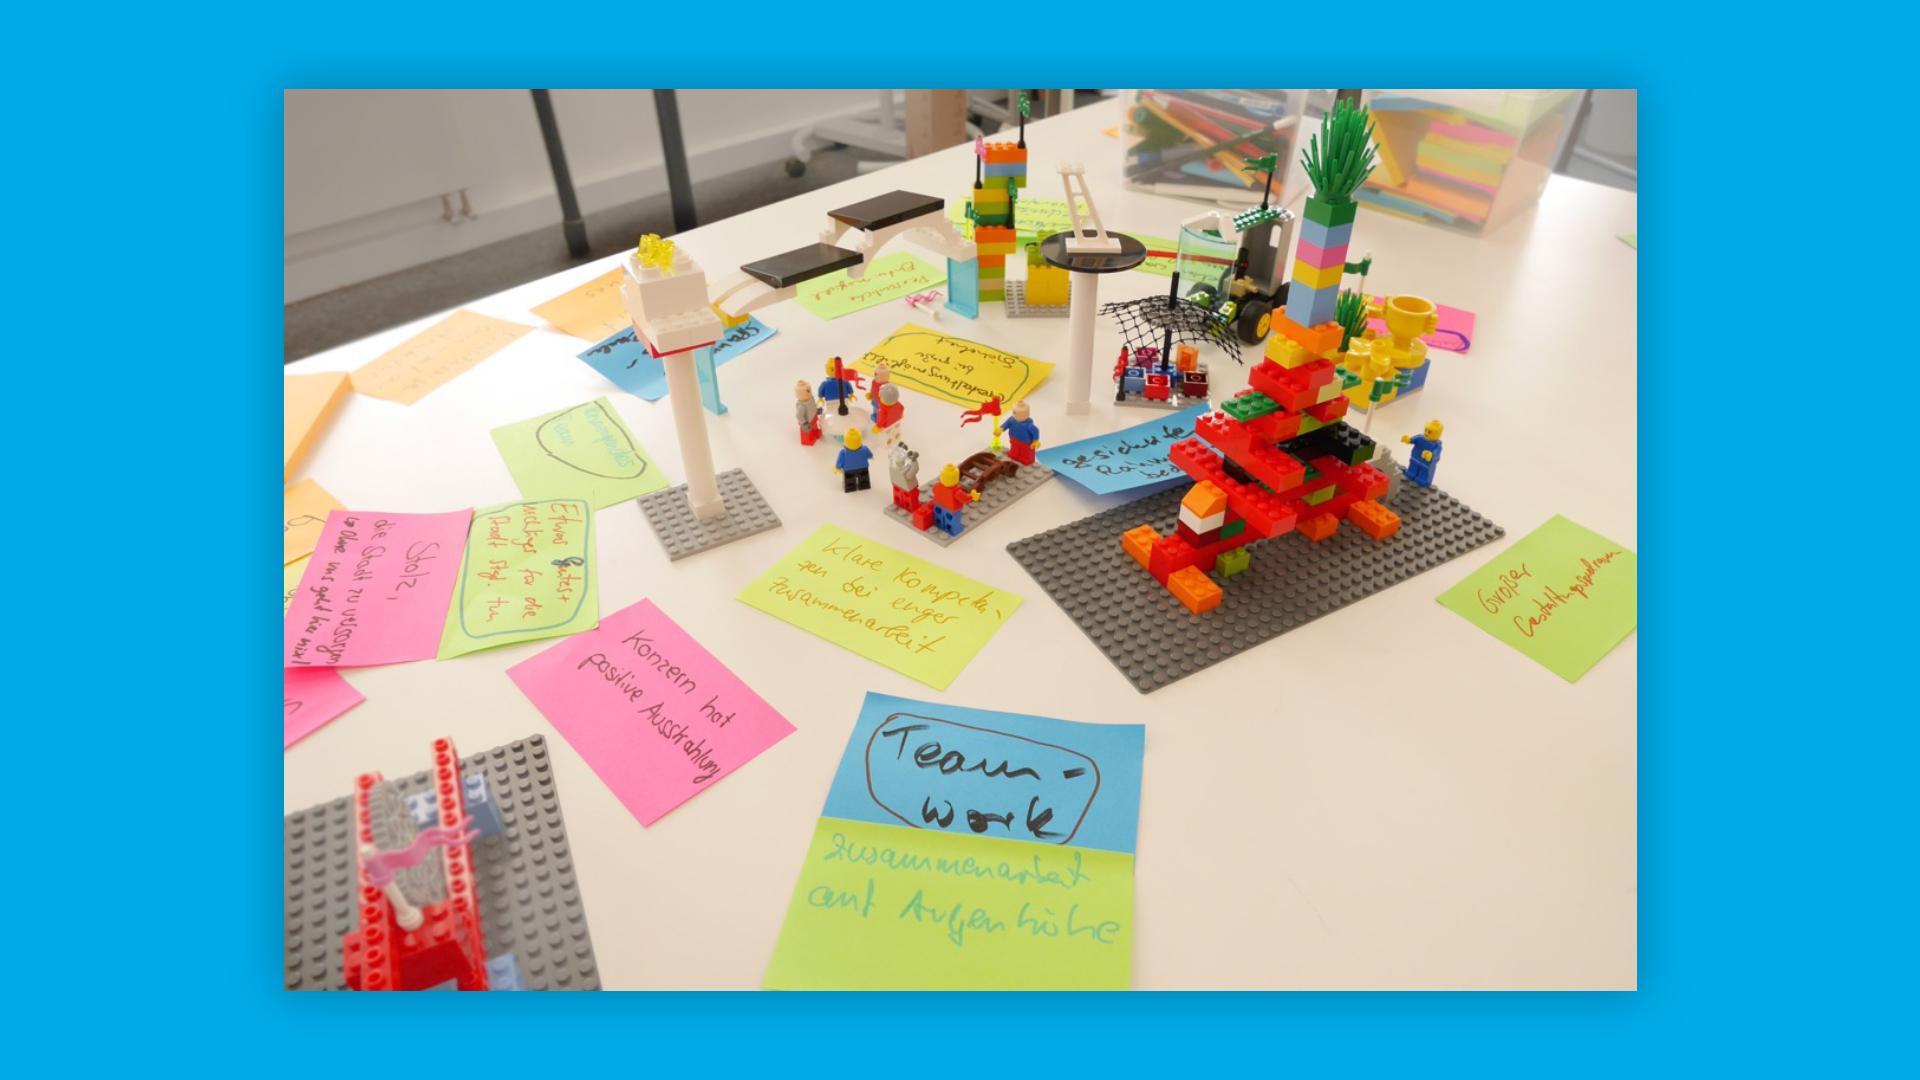 Tisch mit Lego-Serious-Play Materialien